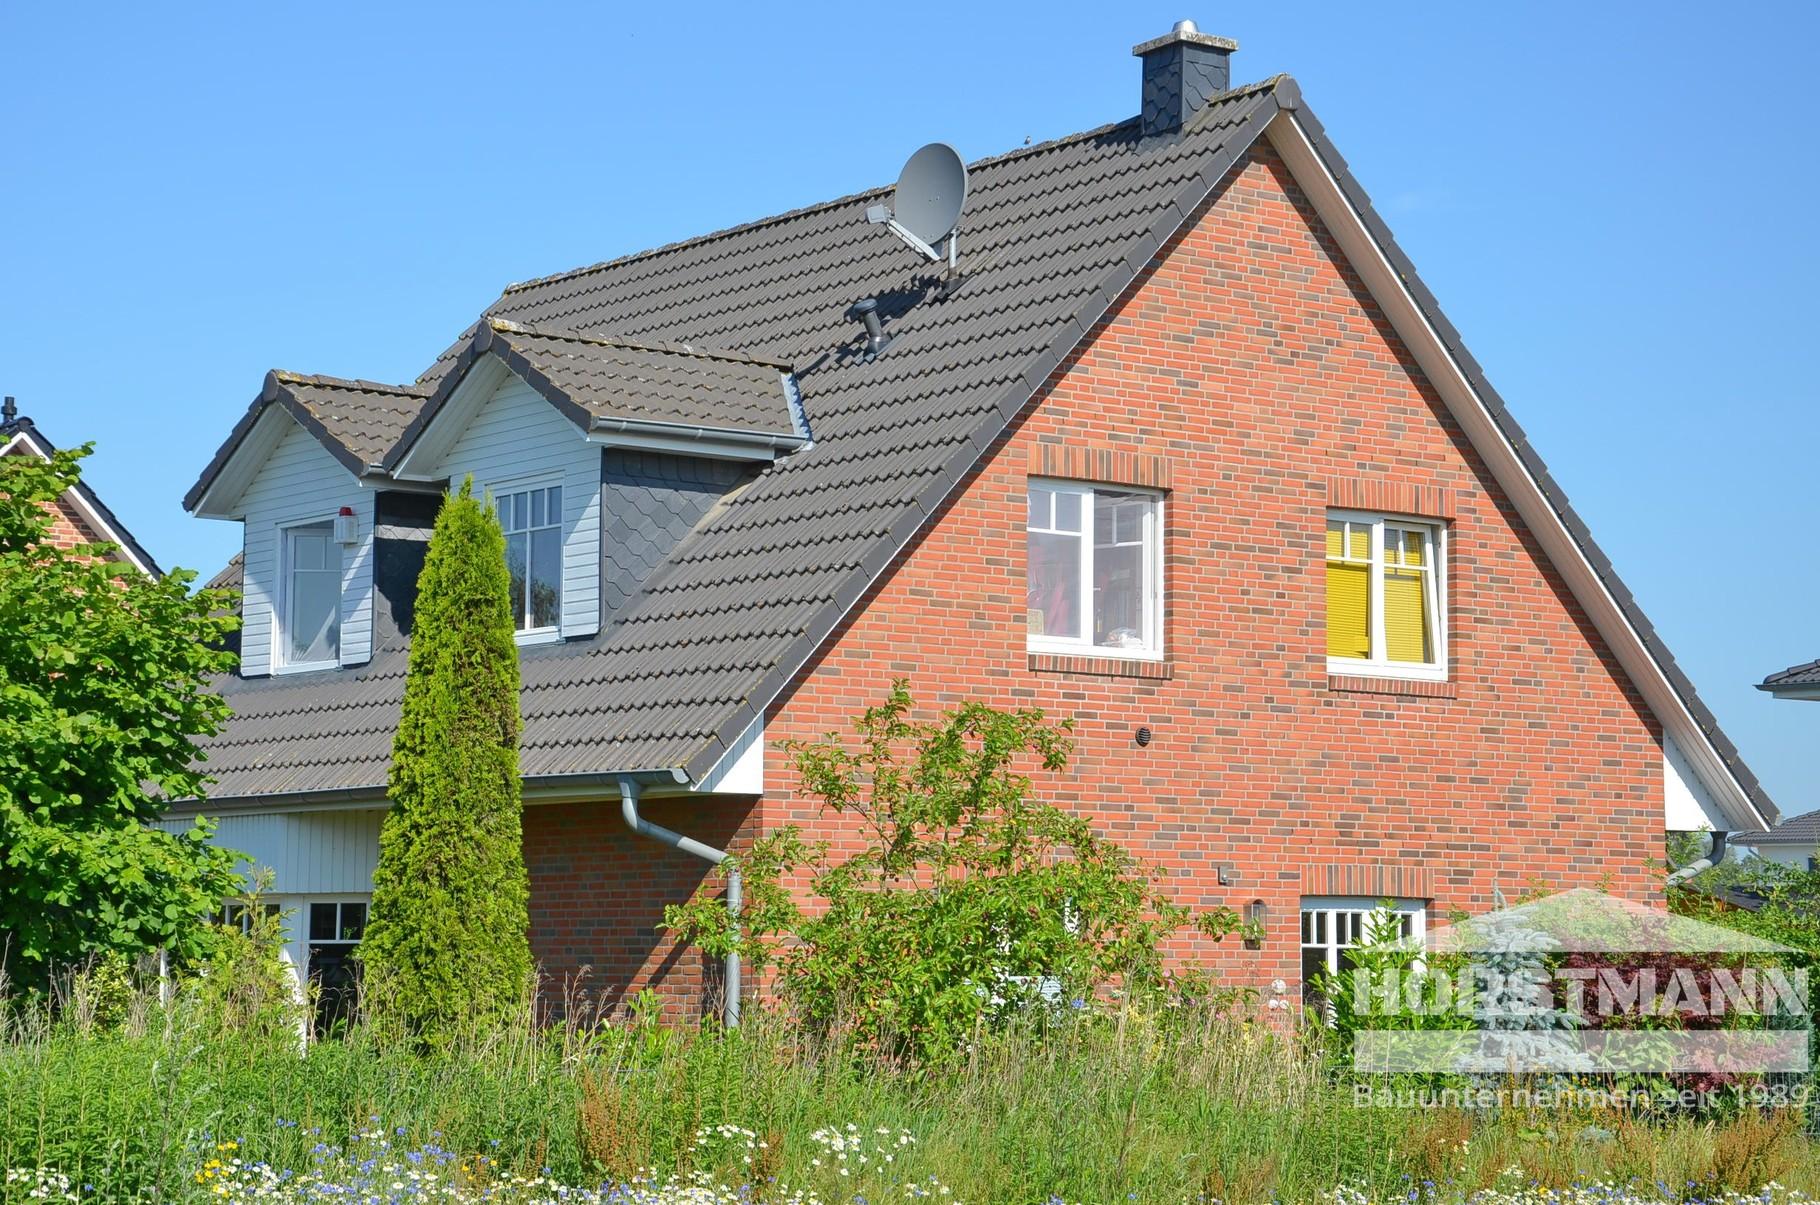 Einfamilienhaus - Hasloh - Baujahr 2002